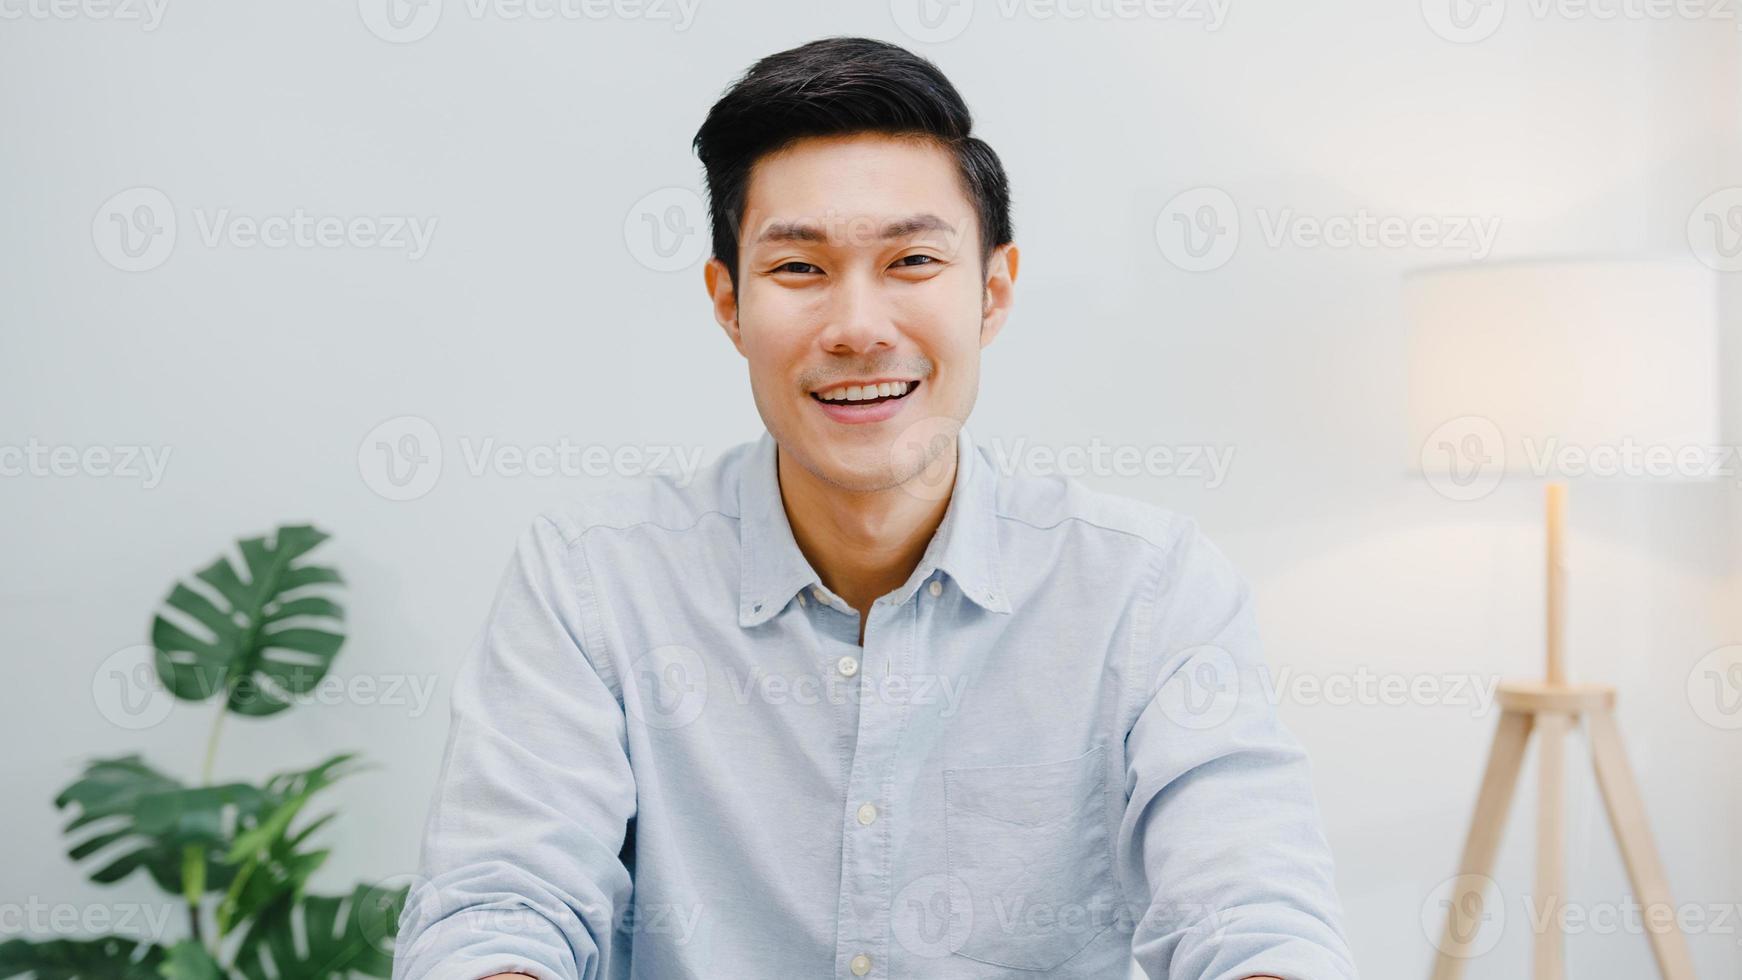 portret van succesvolle knappe executive zakenman smart casual wear camera kijken en glimlachen, gelukkig in moderne kantoorwerkplek. jonge aziatische man praat met een collega in een videogesprek thuis. foto